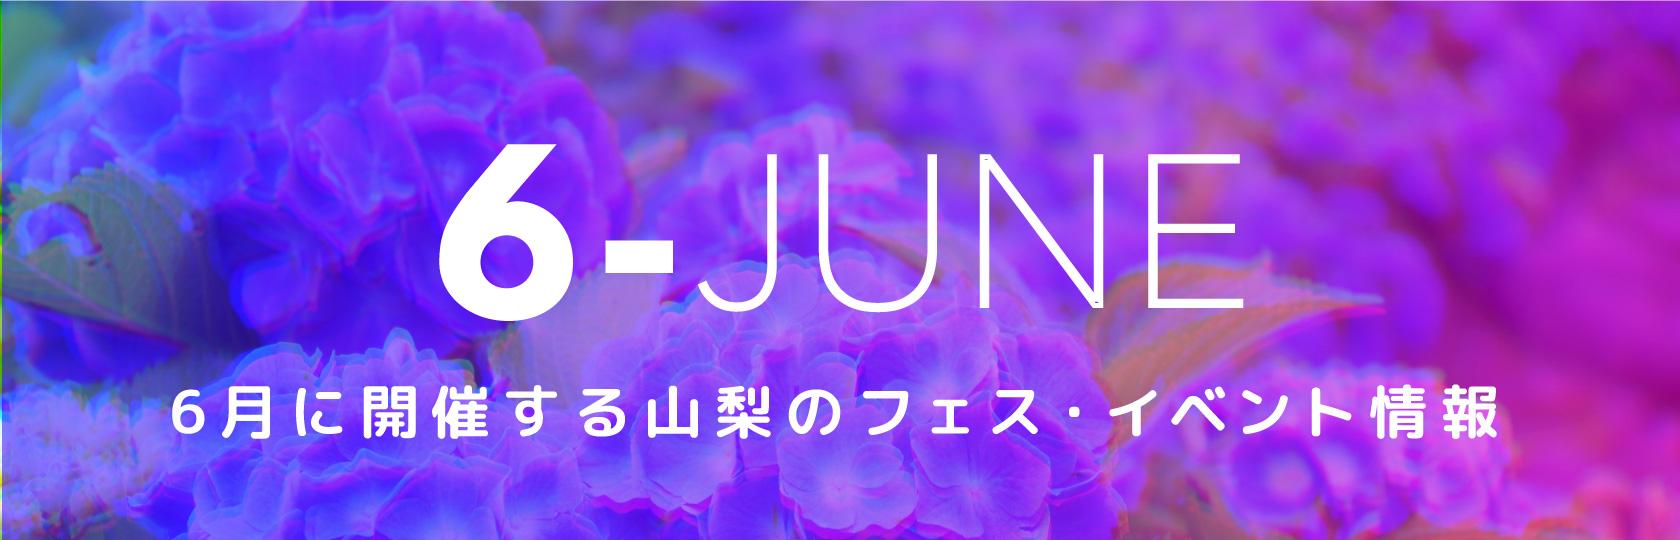 6月に開催する山梨のフェス・イベント情報